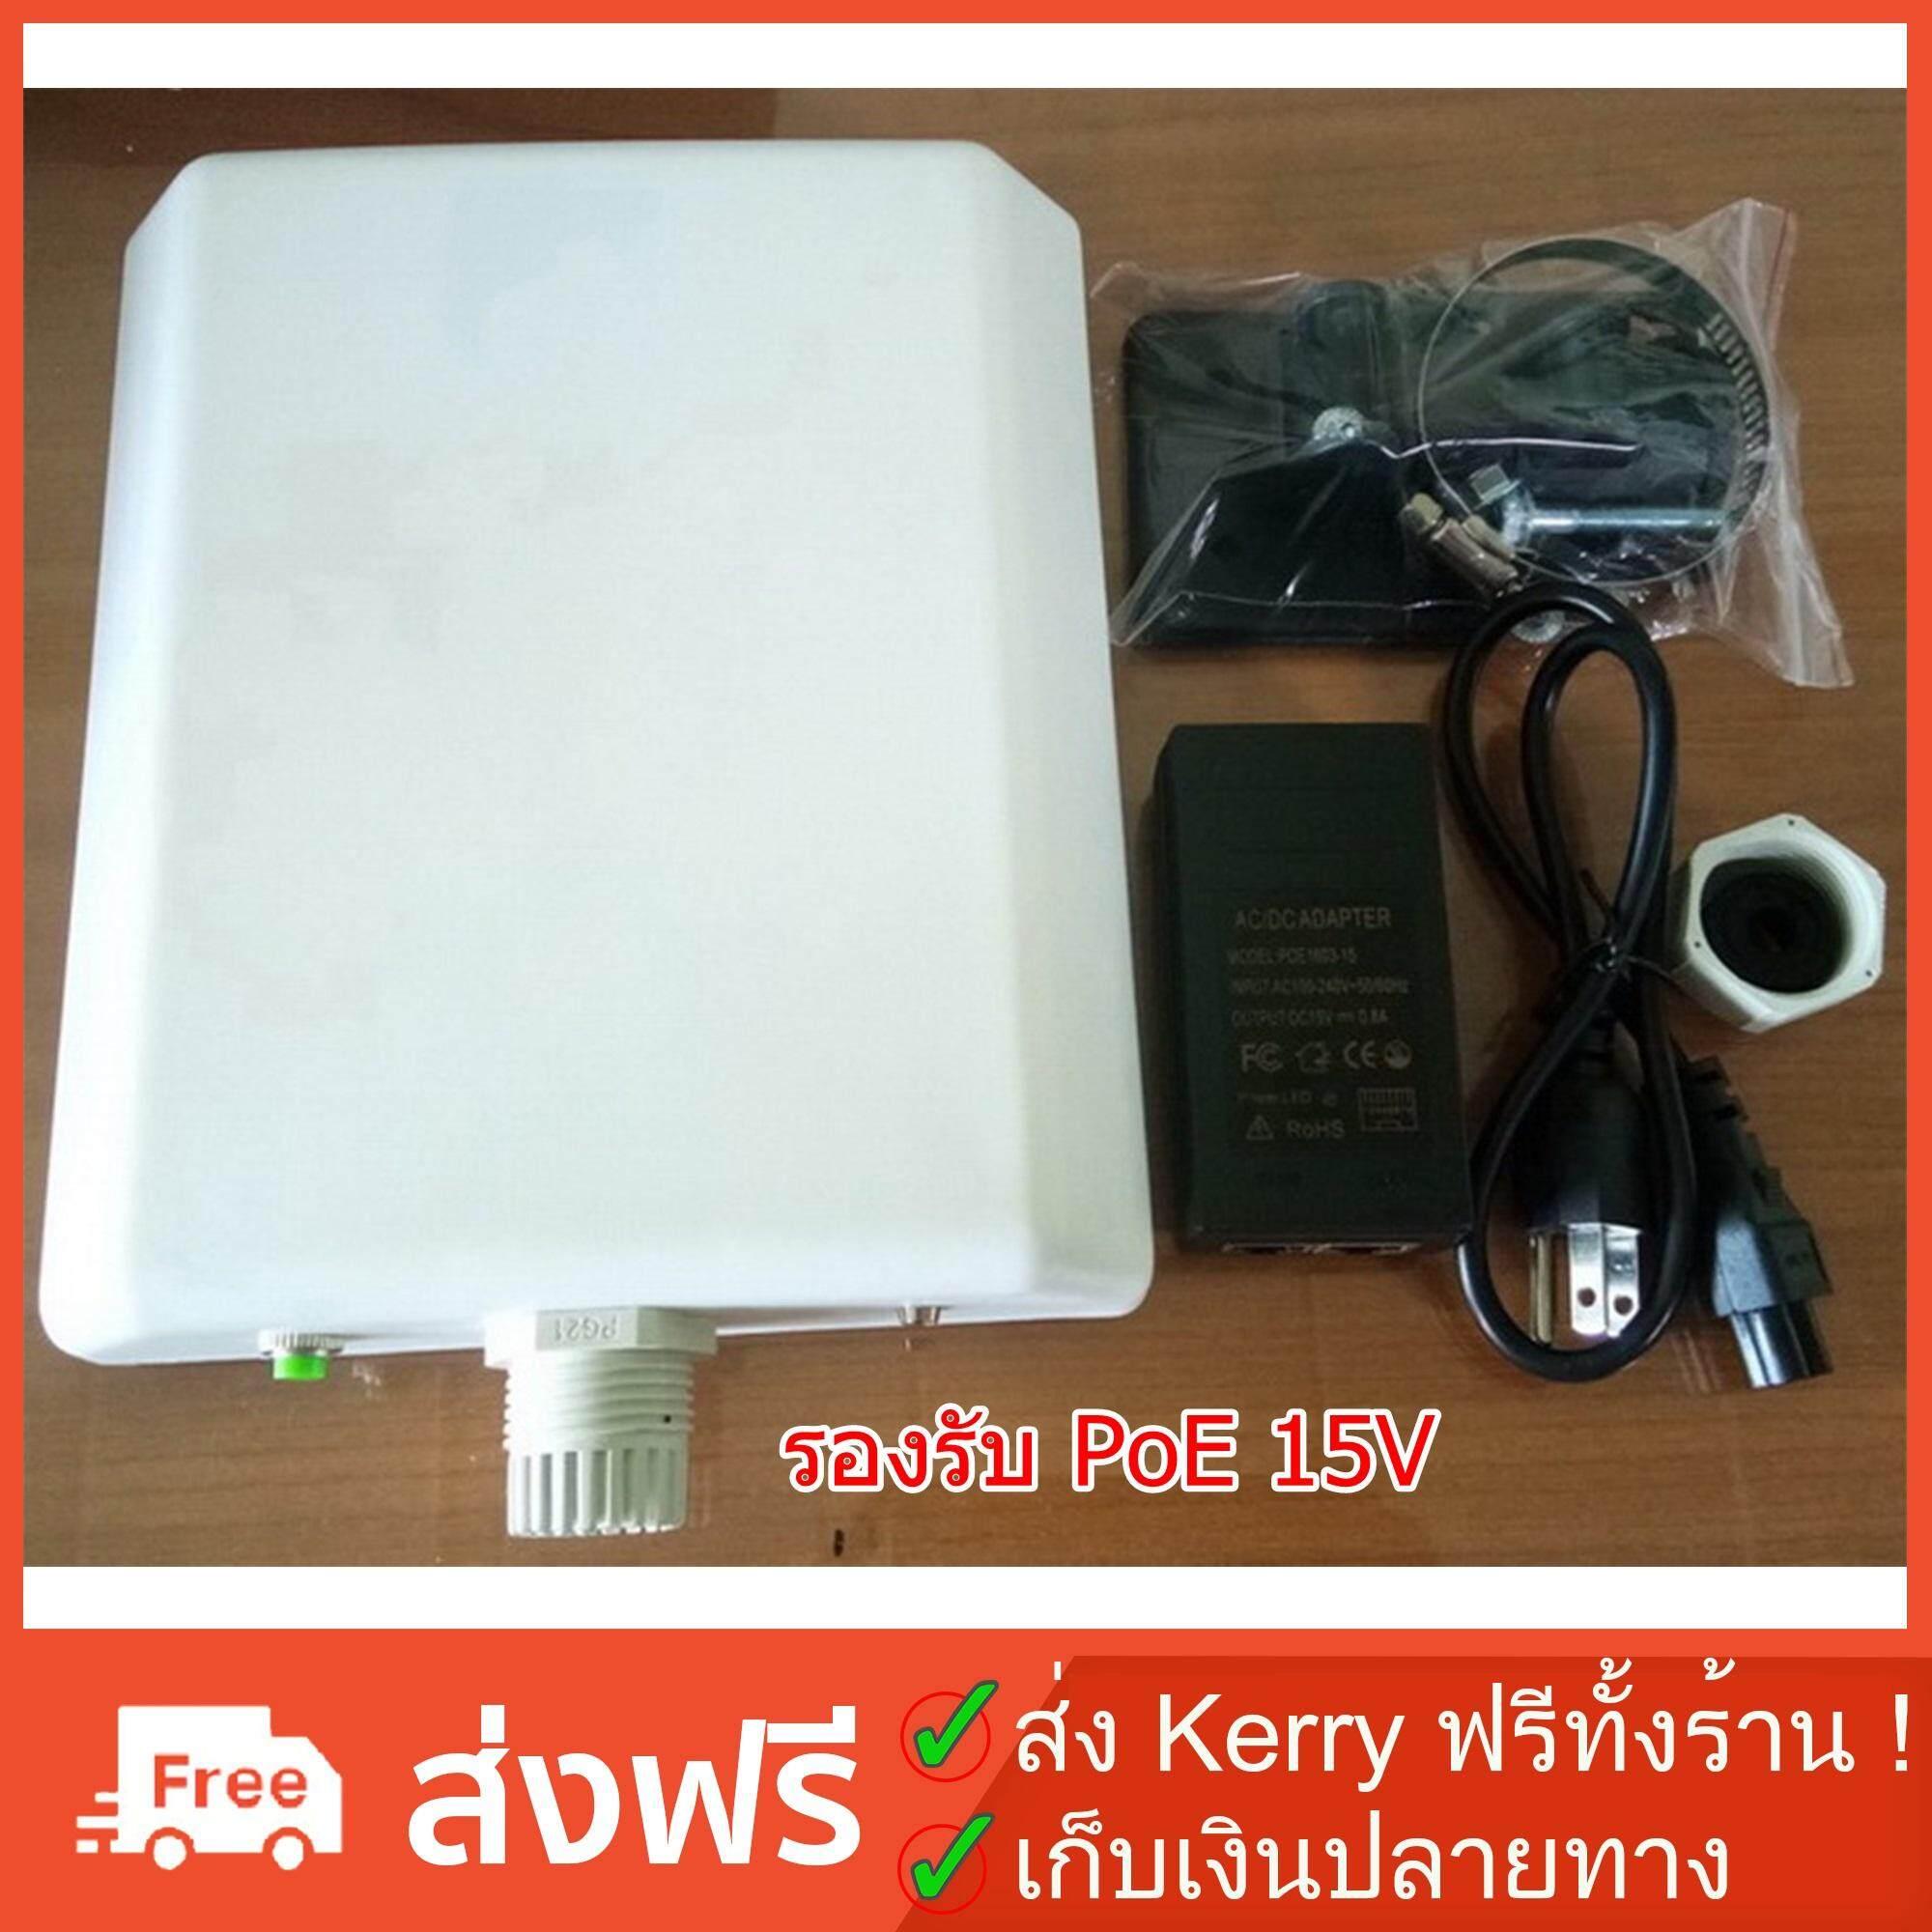 เก็บเงินปลายทางได้ ส่ง Kerry ฟรีทั้งร้าน !! CPE UBNT จีน Fw. NanoStation2 2.4Ghz Max Speed 54M รองรับ PoE 15V   เลือกระยะประกันได้